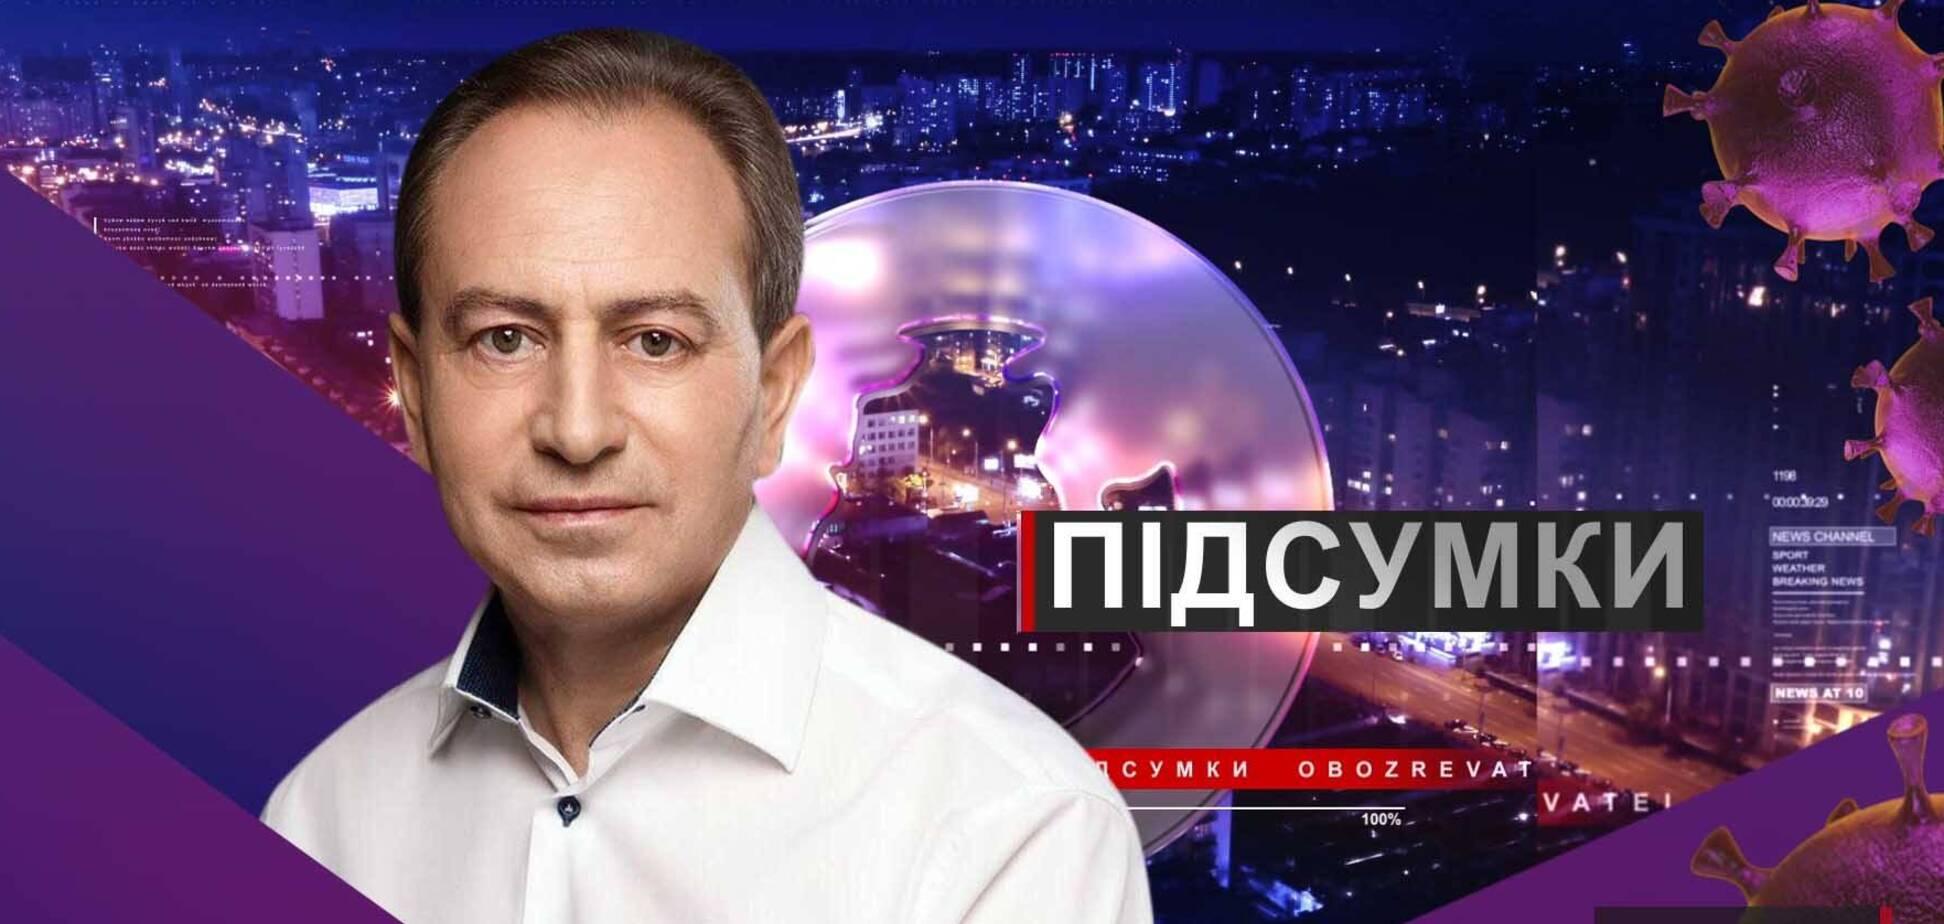 Підсумки дня з Вадимом Колодійчуком. Понеділок, 20 липня